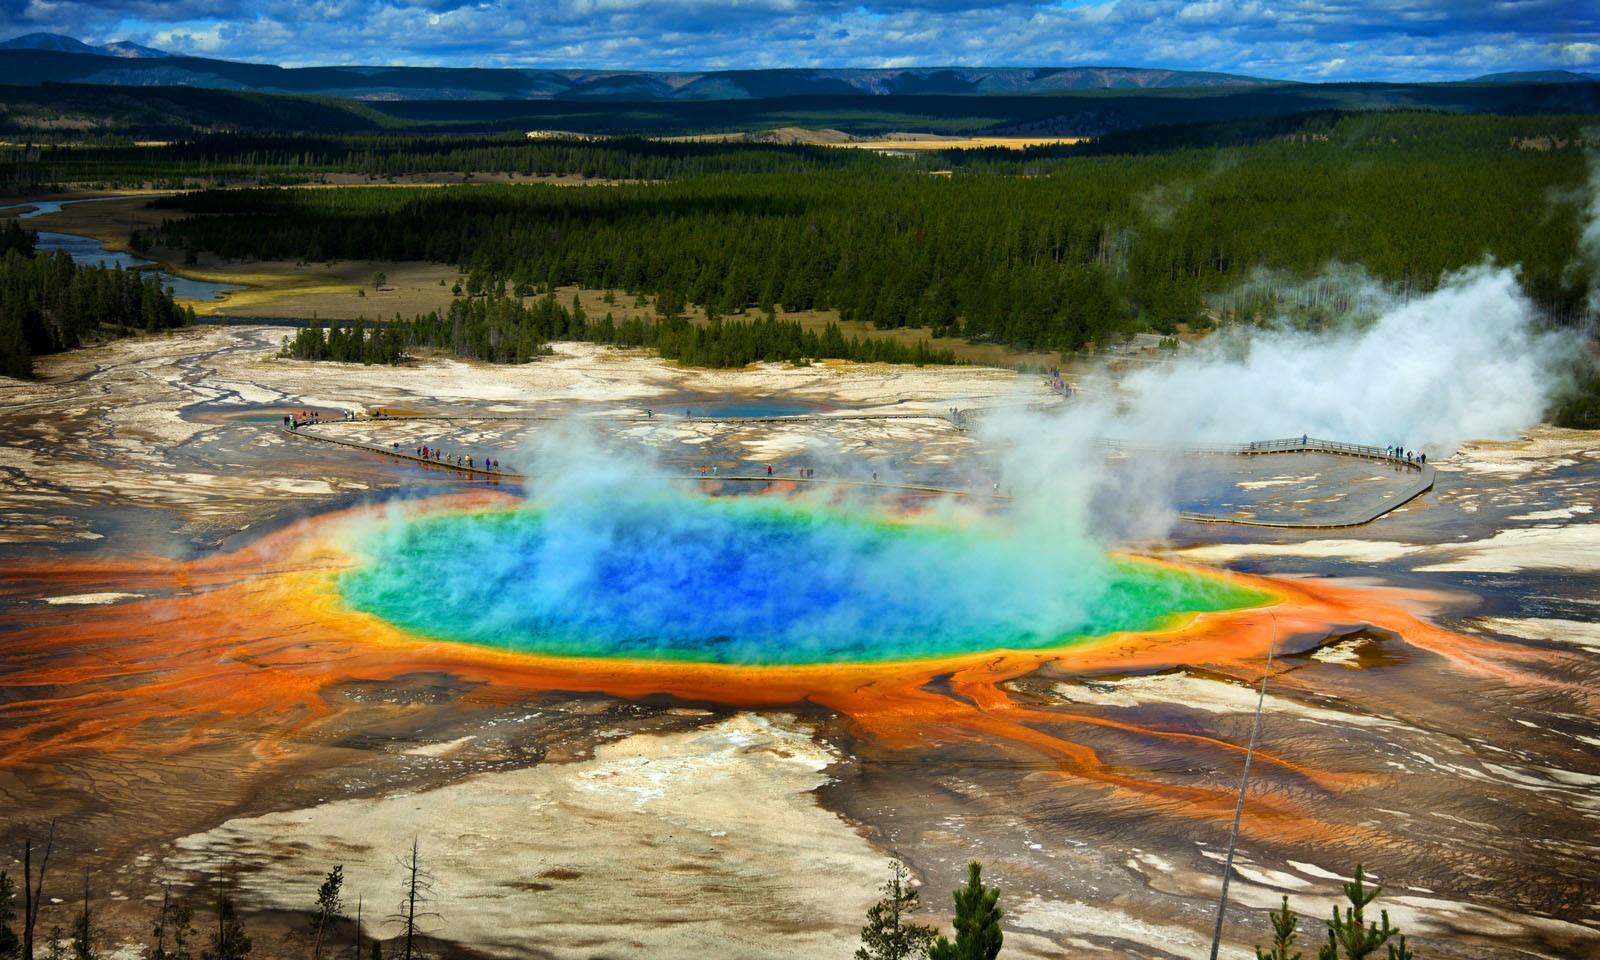 Најстарото заштитено подрачје и најстариот национален парк во светот